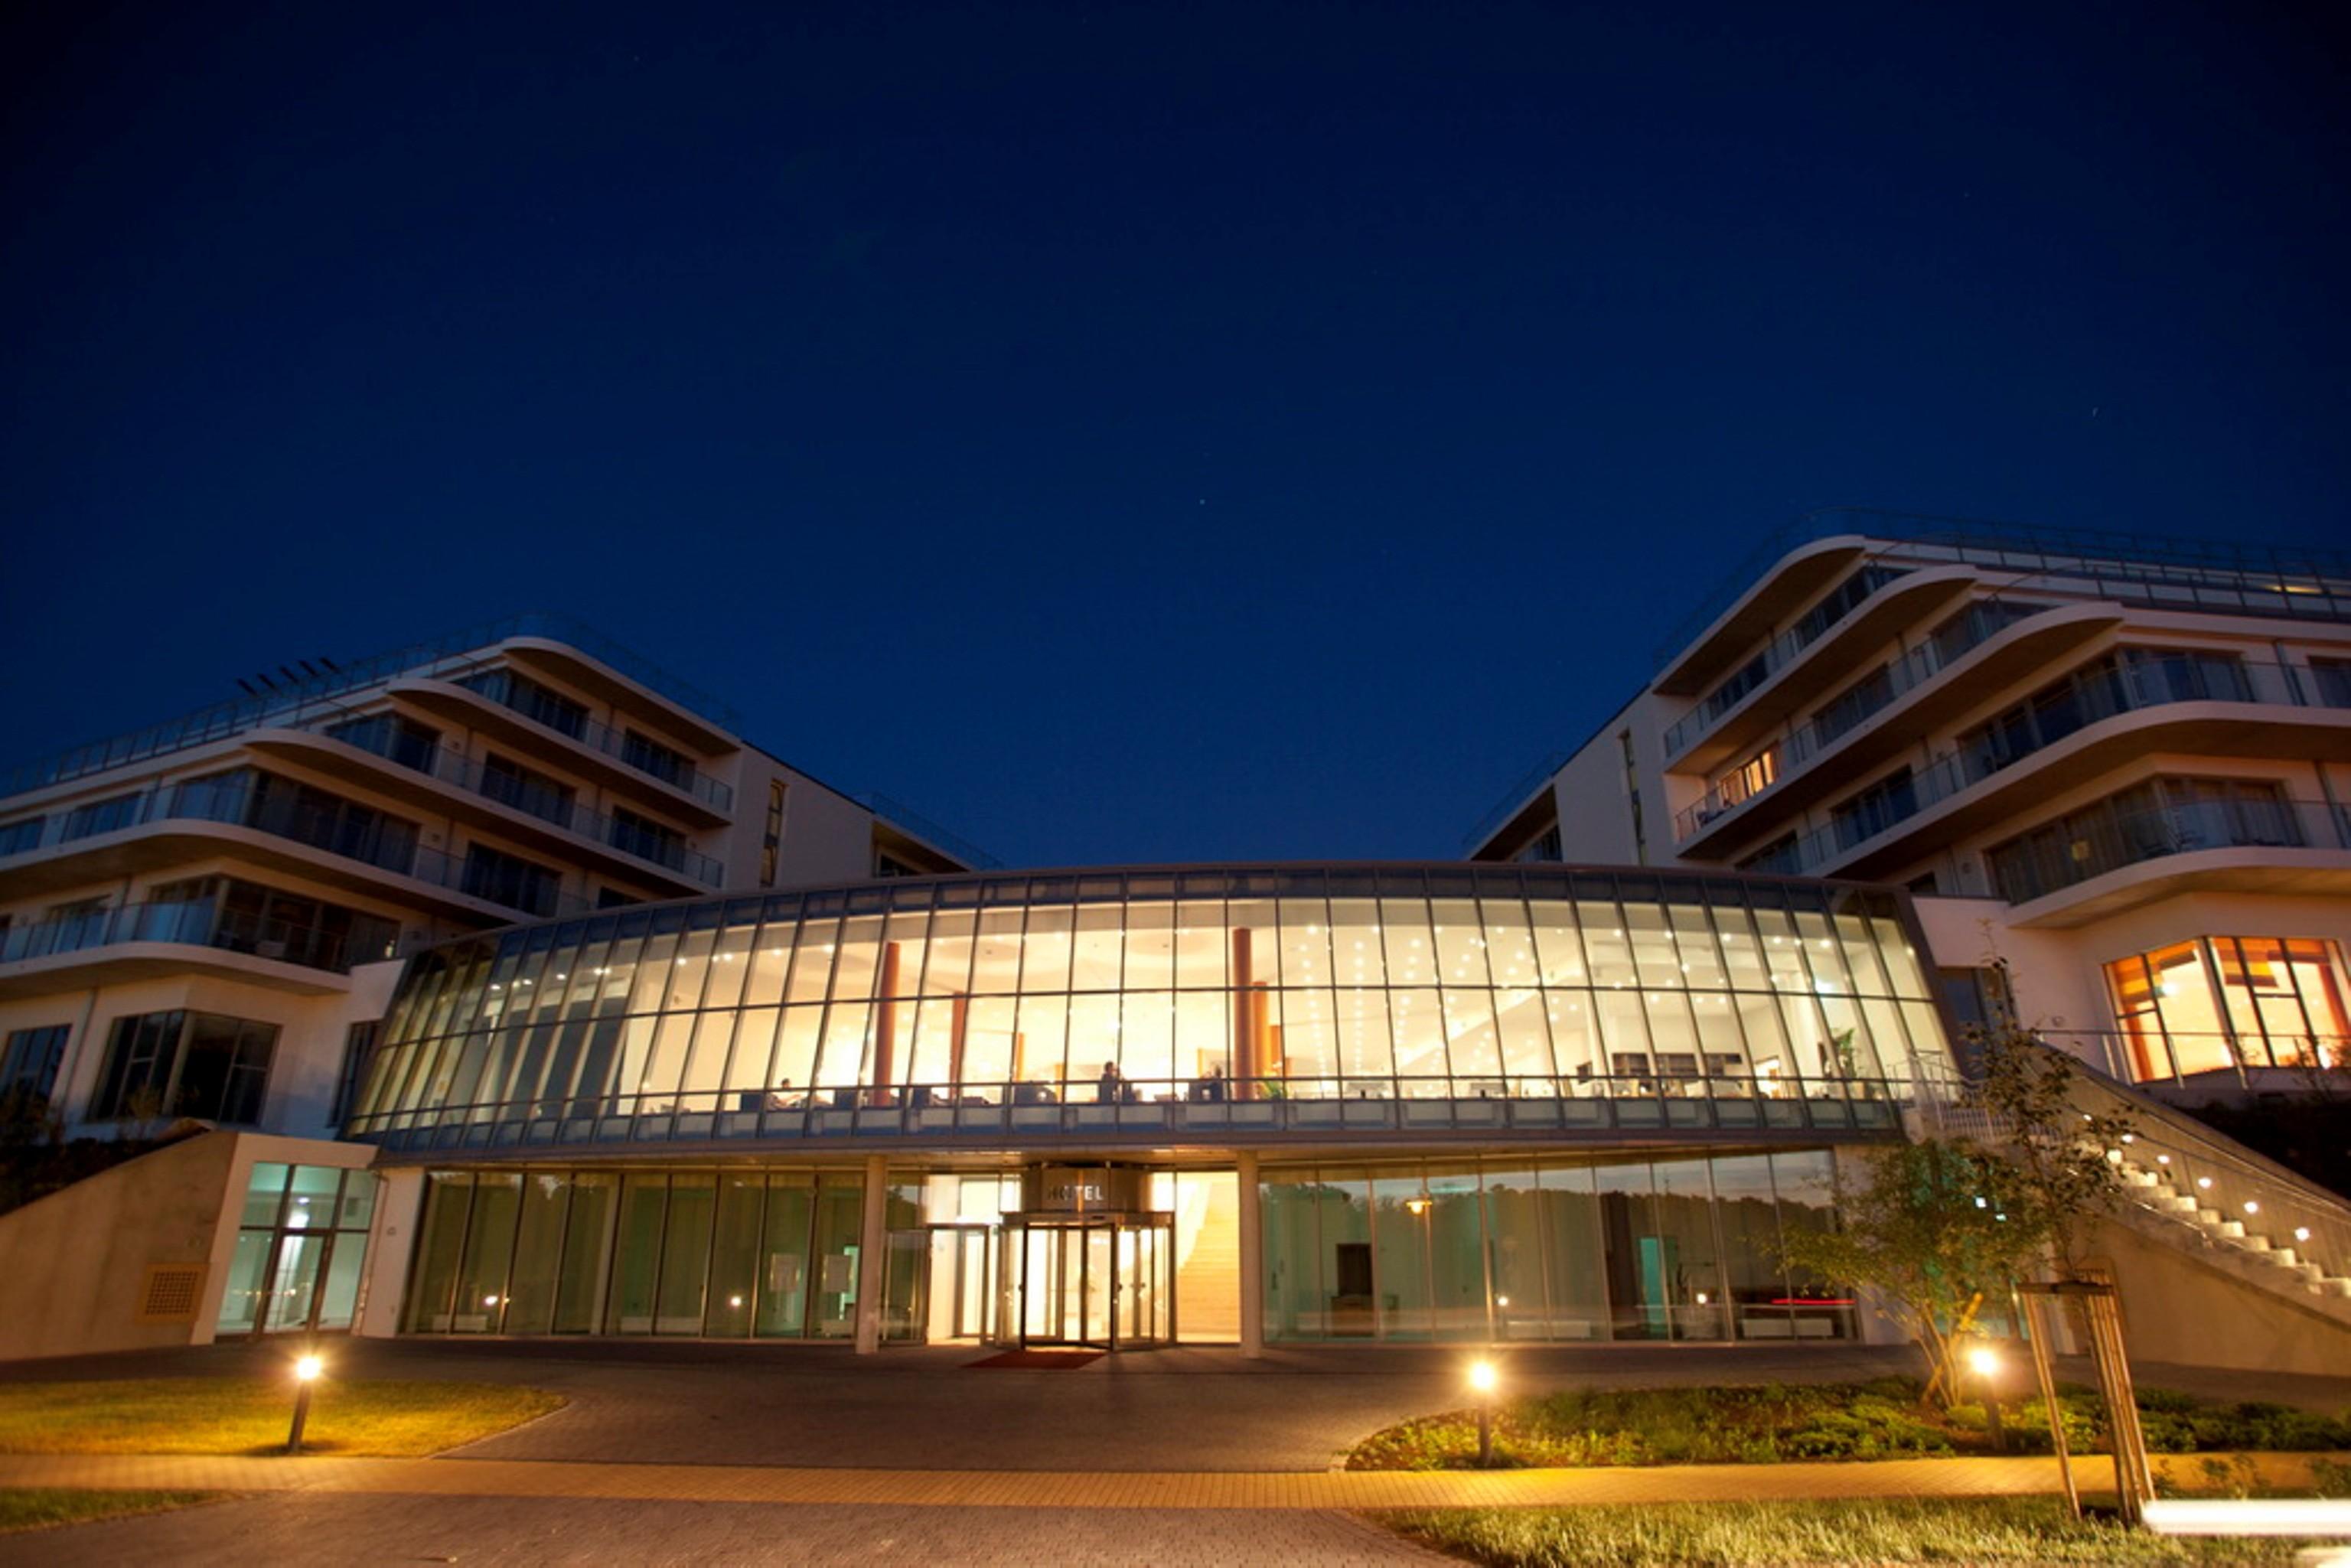 Grand Hotel Spa Kurhaus Ahrenshoop Als Bestes Relax Resort Deutschlands Ausgezeichnet Tourismusverband Mecklenburg Vorpommern E V Pressemitteilung Lifepr